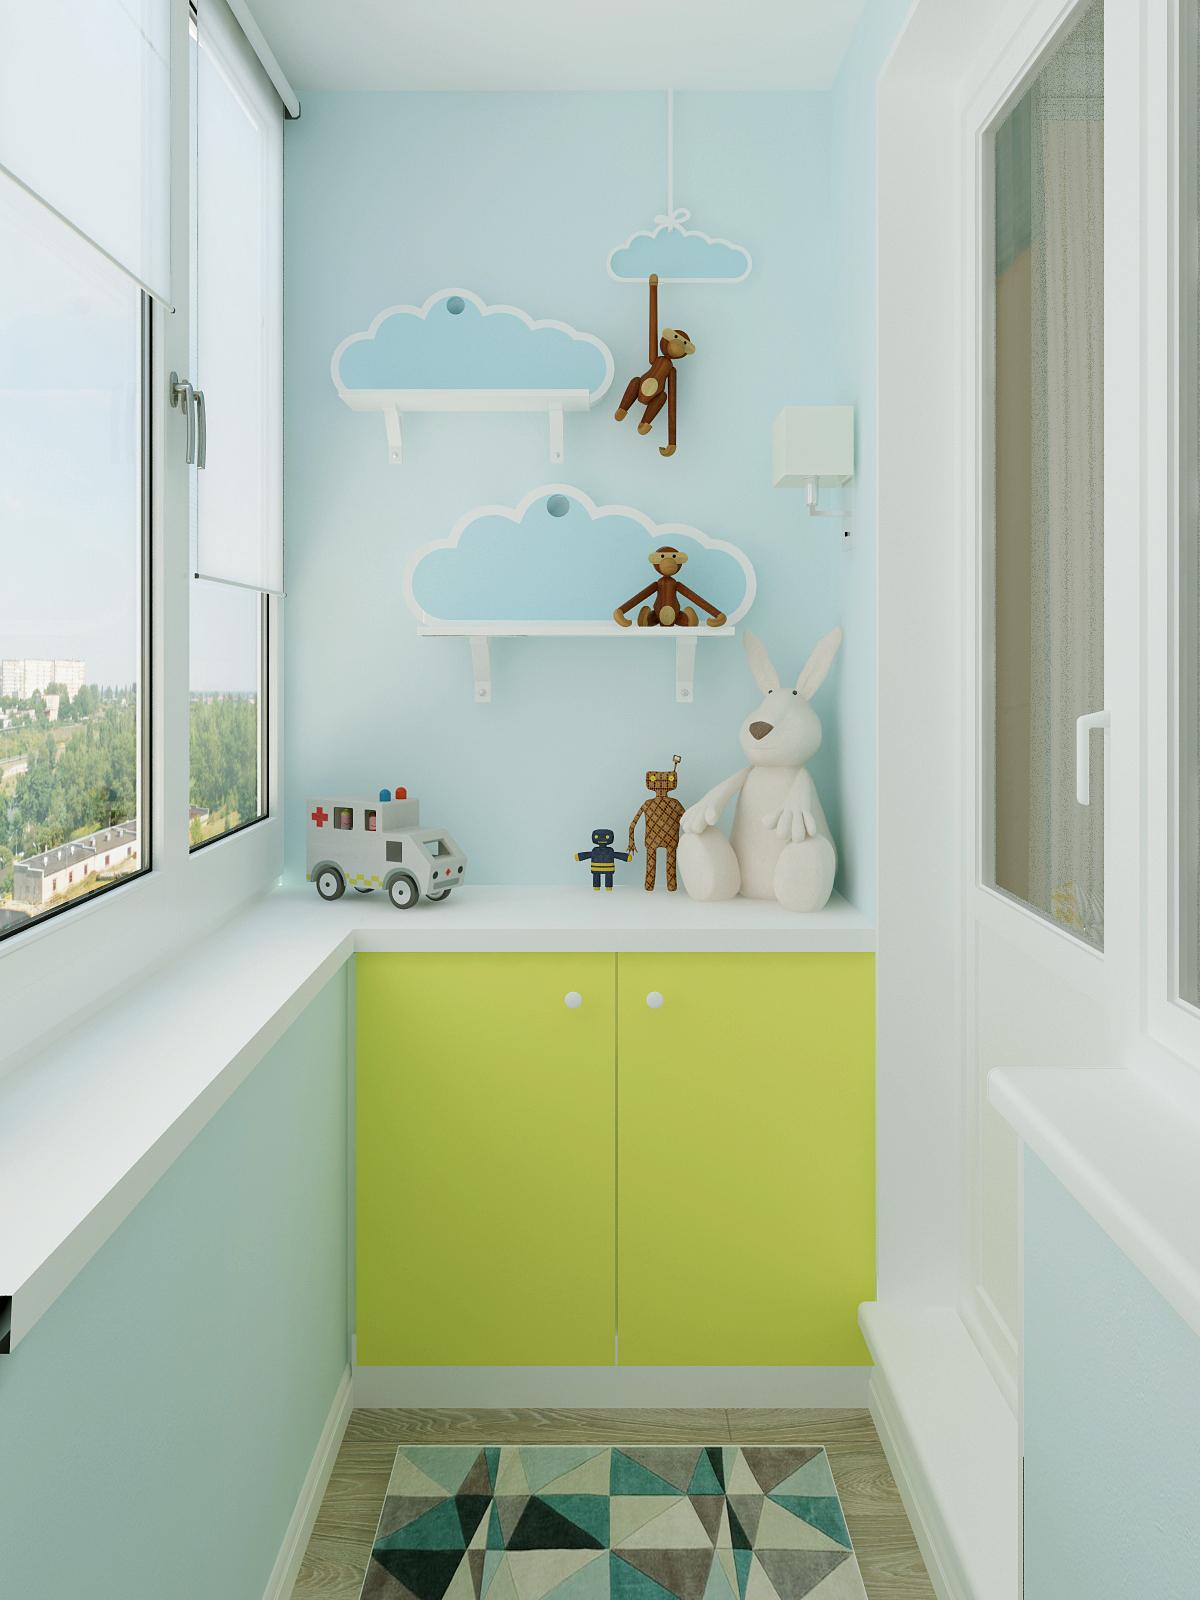 Детский балкон - интерьеры квартир, домов - myhome.ru.